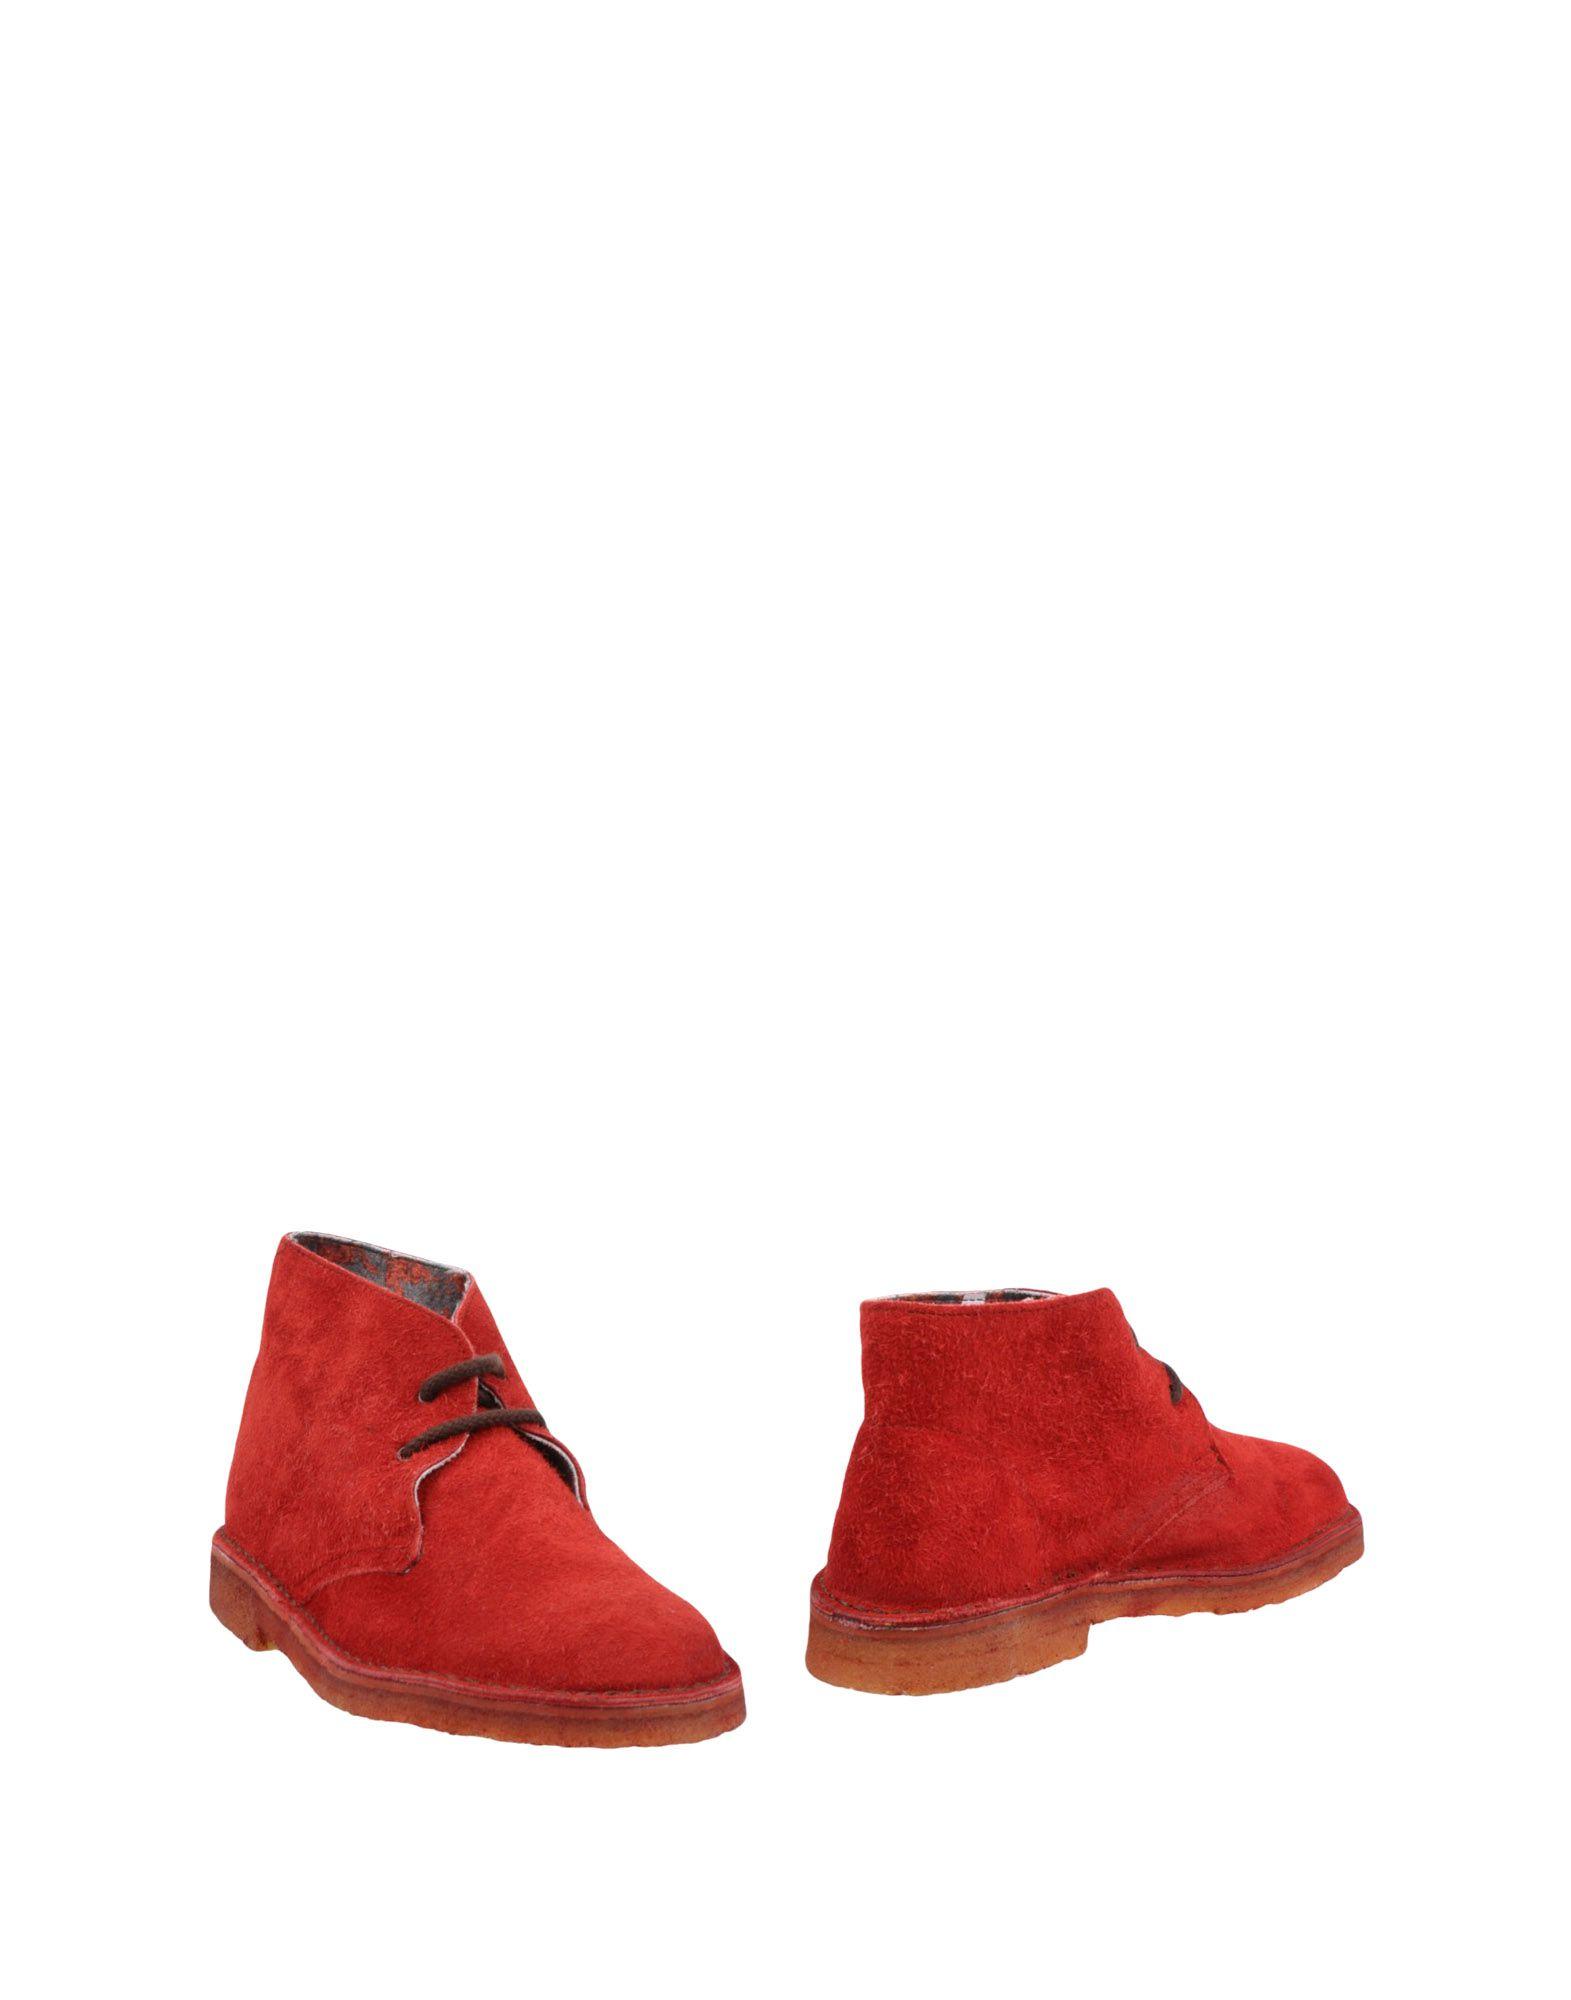 Weg Stiefelette Damen  11255402OL Gute Qualität beliebte Schuhe